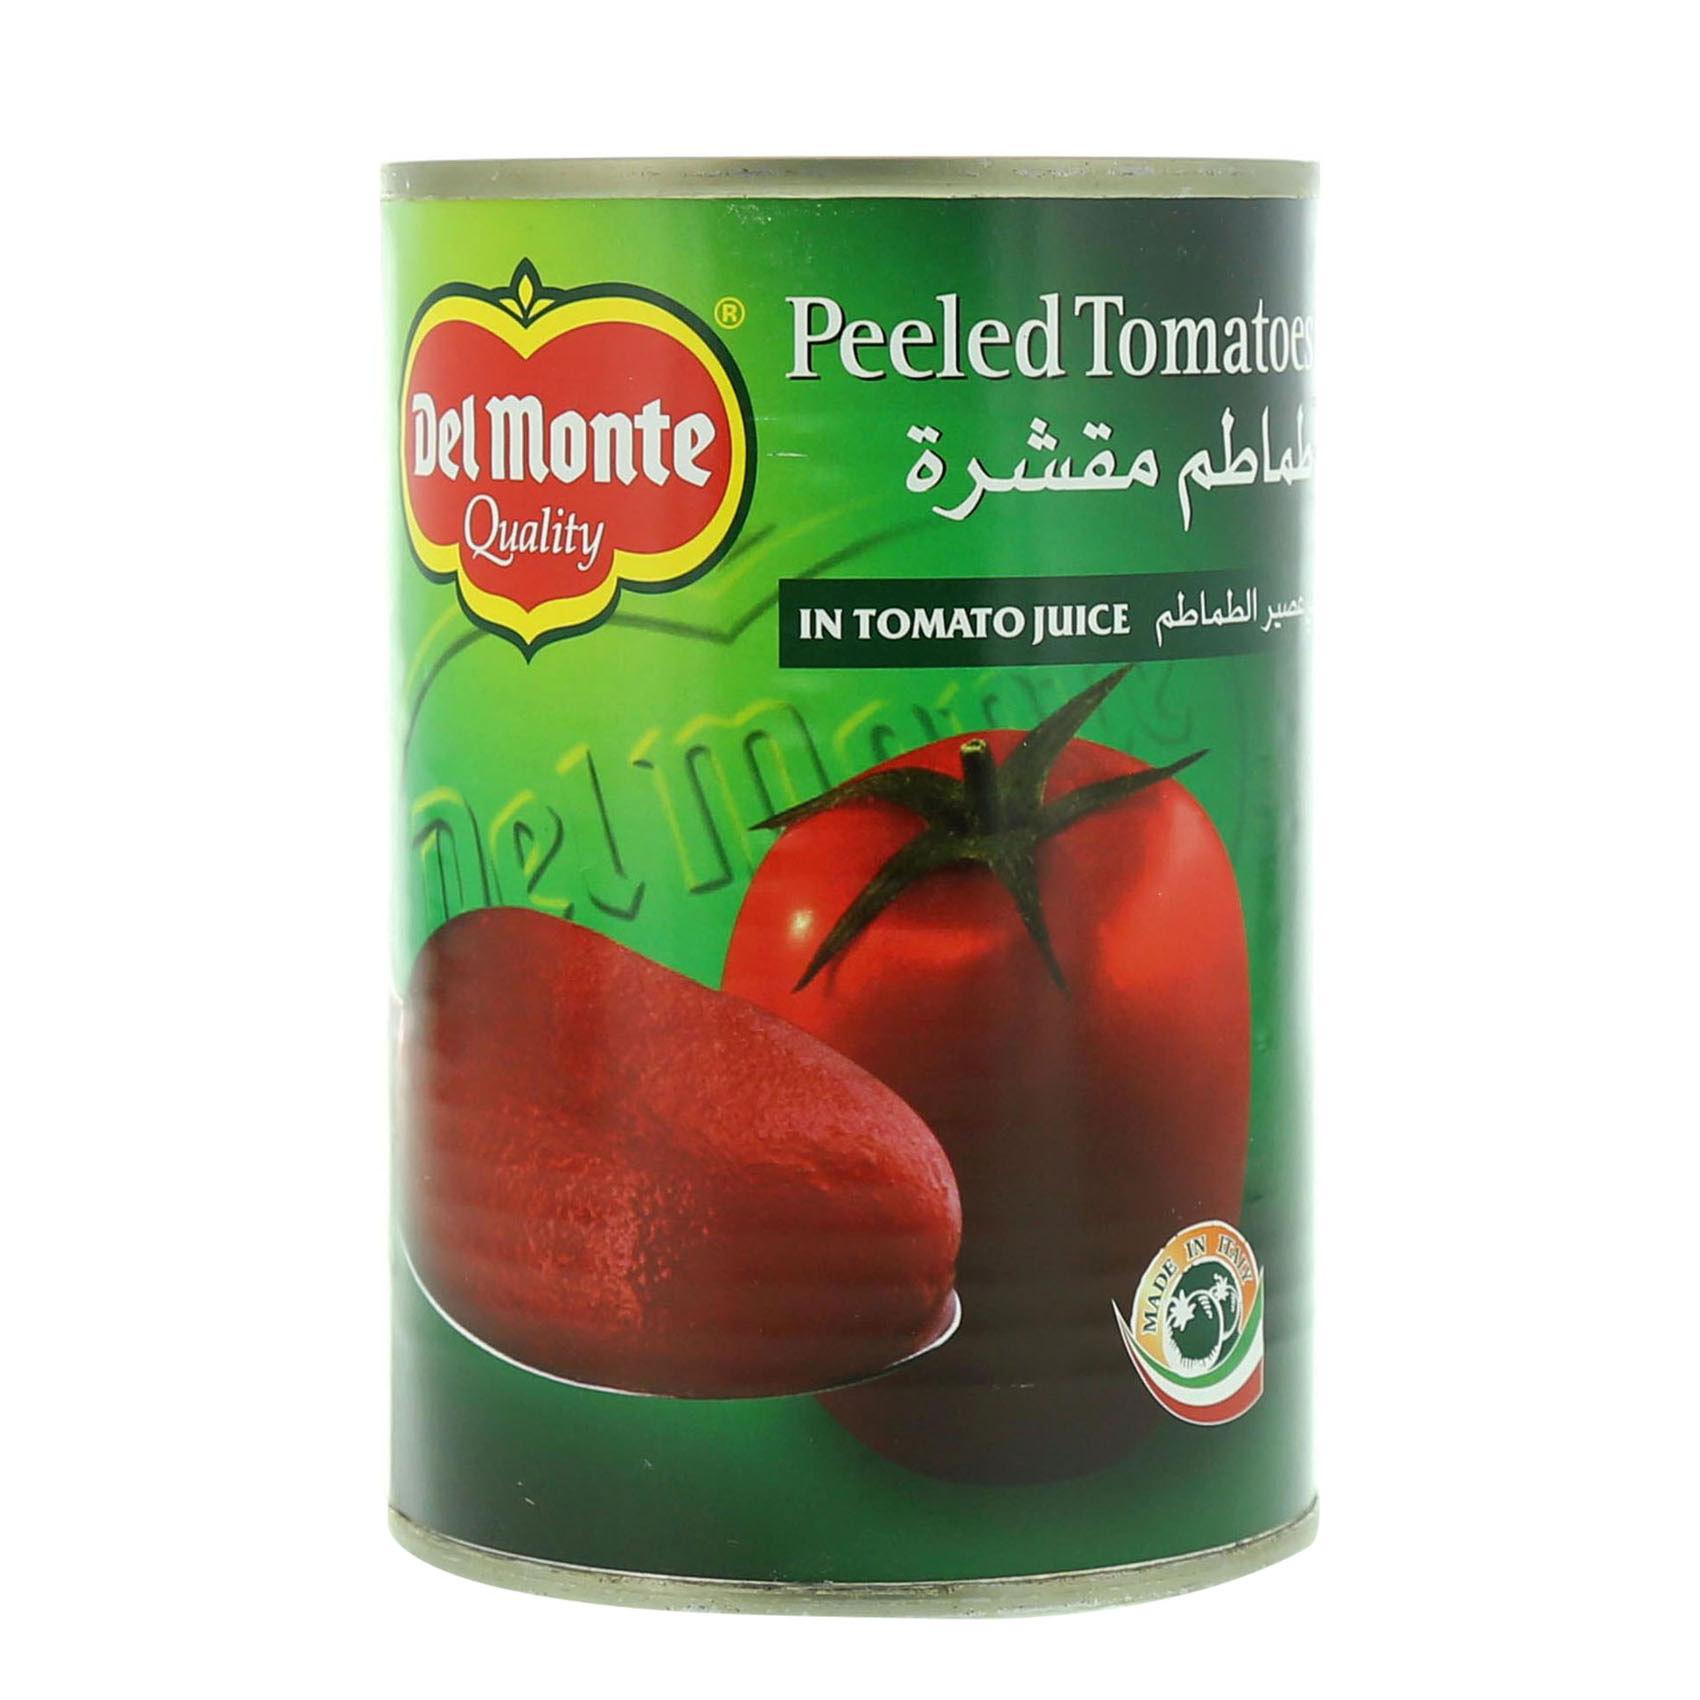 DEL MONTE TOMATO PEELED 397GR